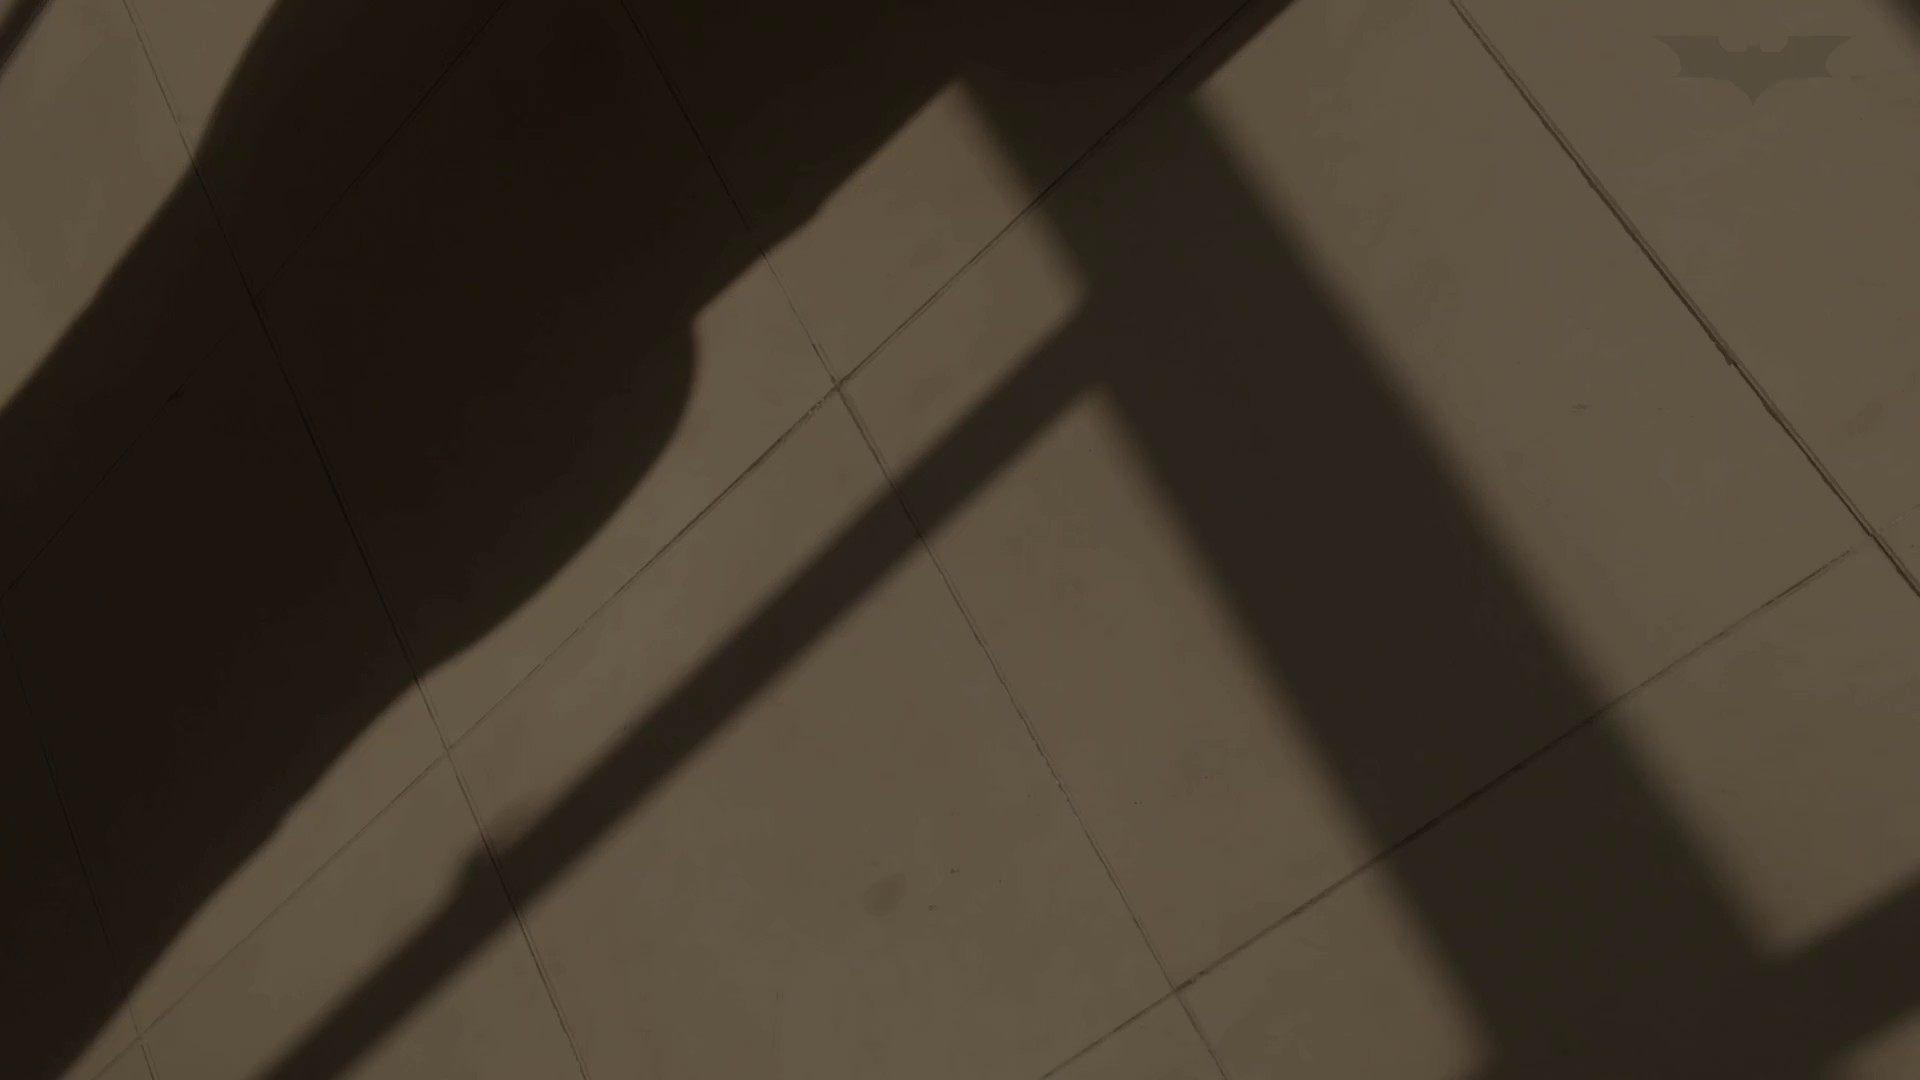 芸術大学ガチ潜入盗撮 JD盗撮 美女の洗面所の秘密 Vol.91 潜入 AV動画キャプチャ 85枚 9